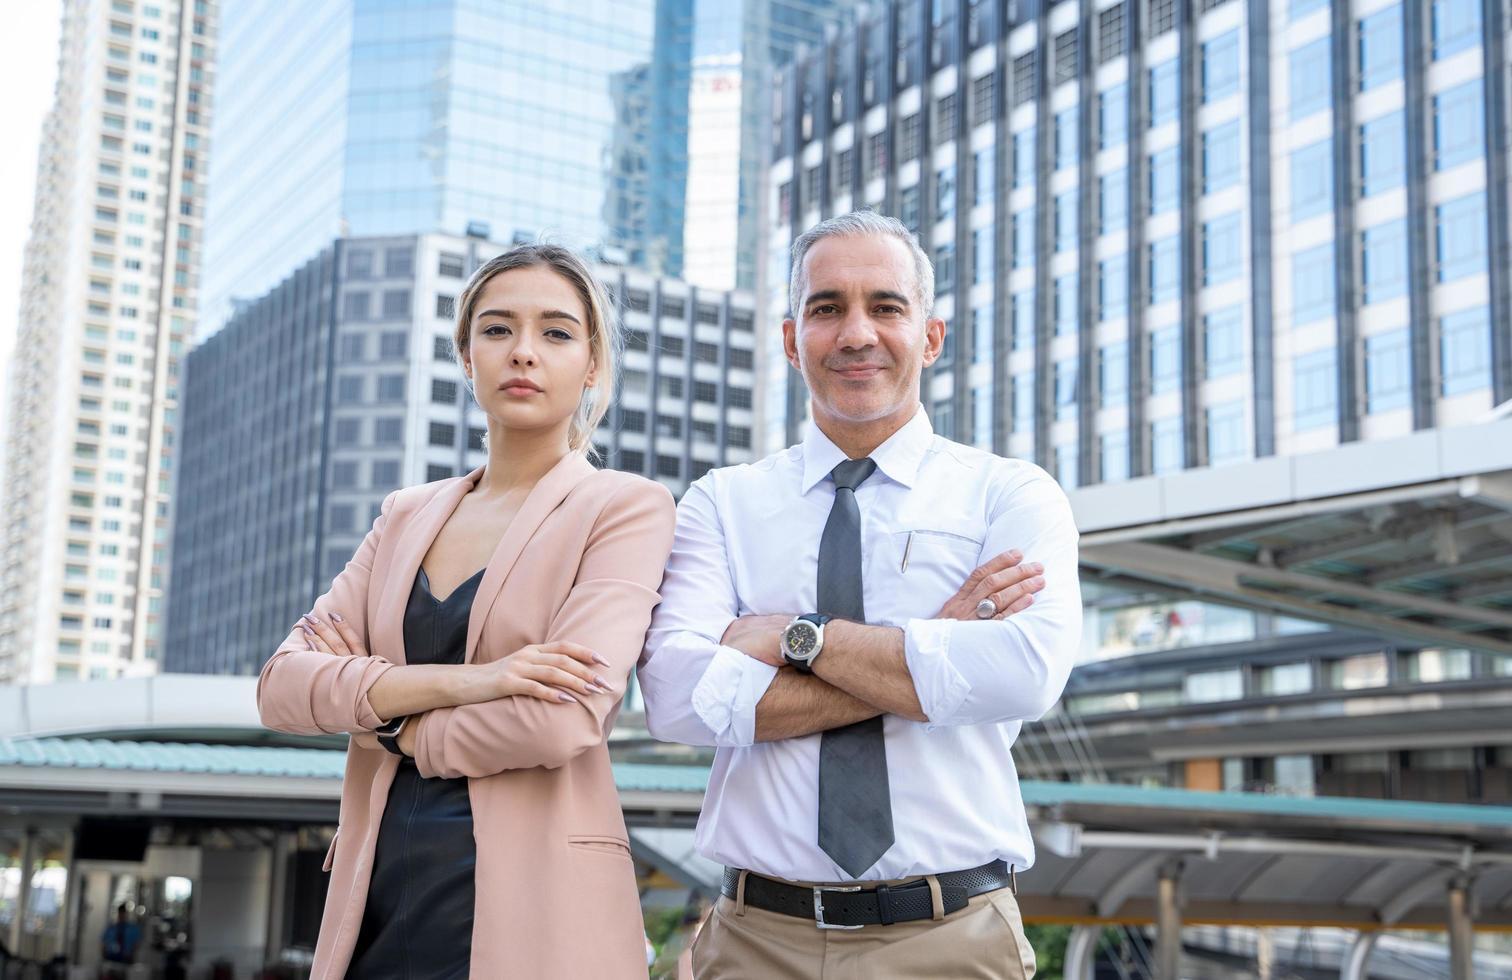 homme et femme avec immeubles de bureaux photo